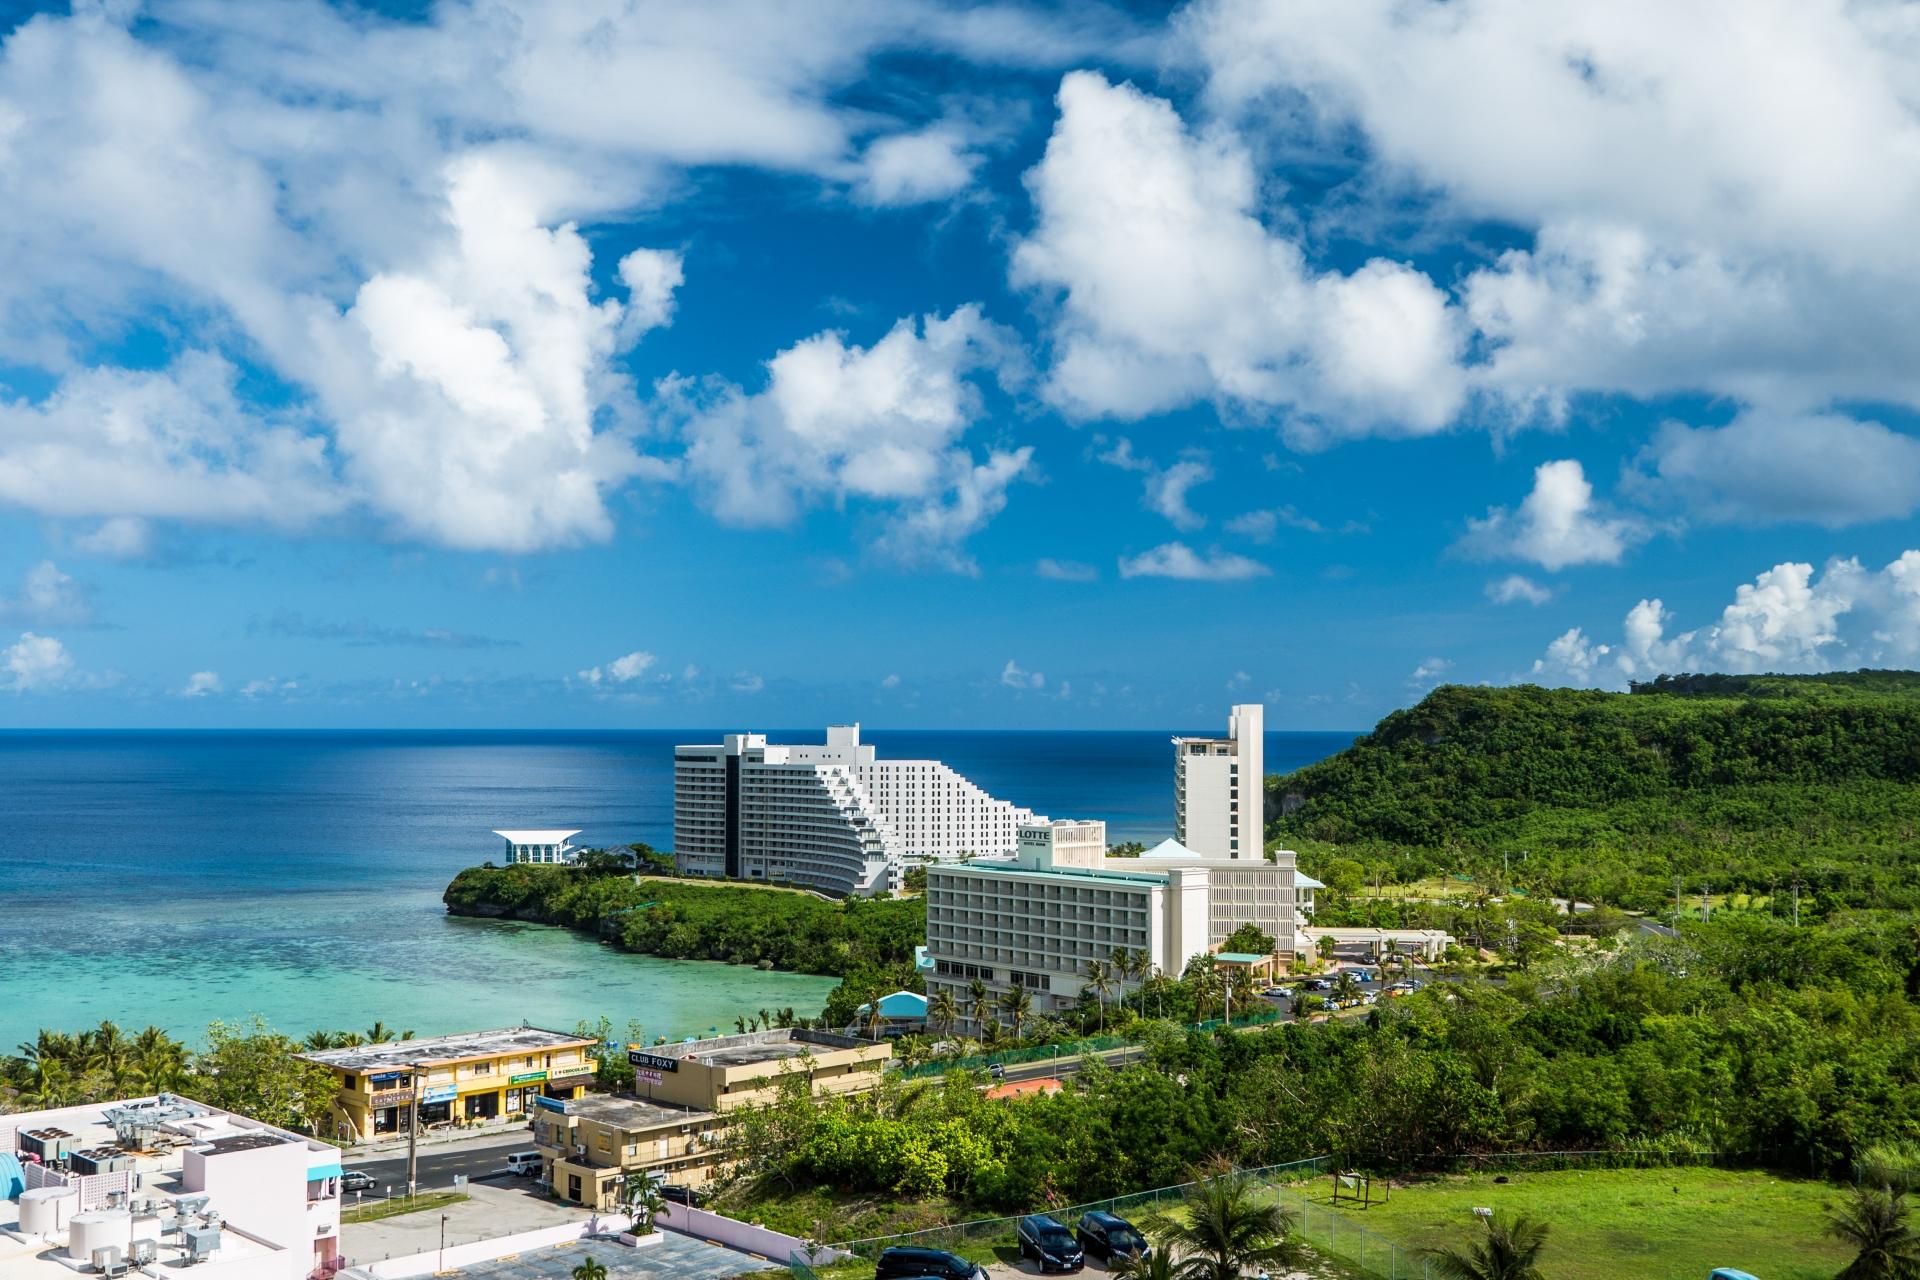 グアムに3泊4日で旅行しよう!予算やおすすめプラン・モデルコースをご紹介♪